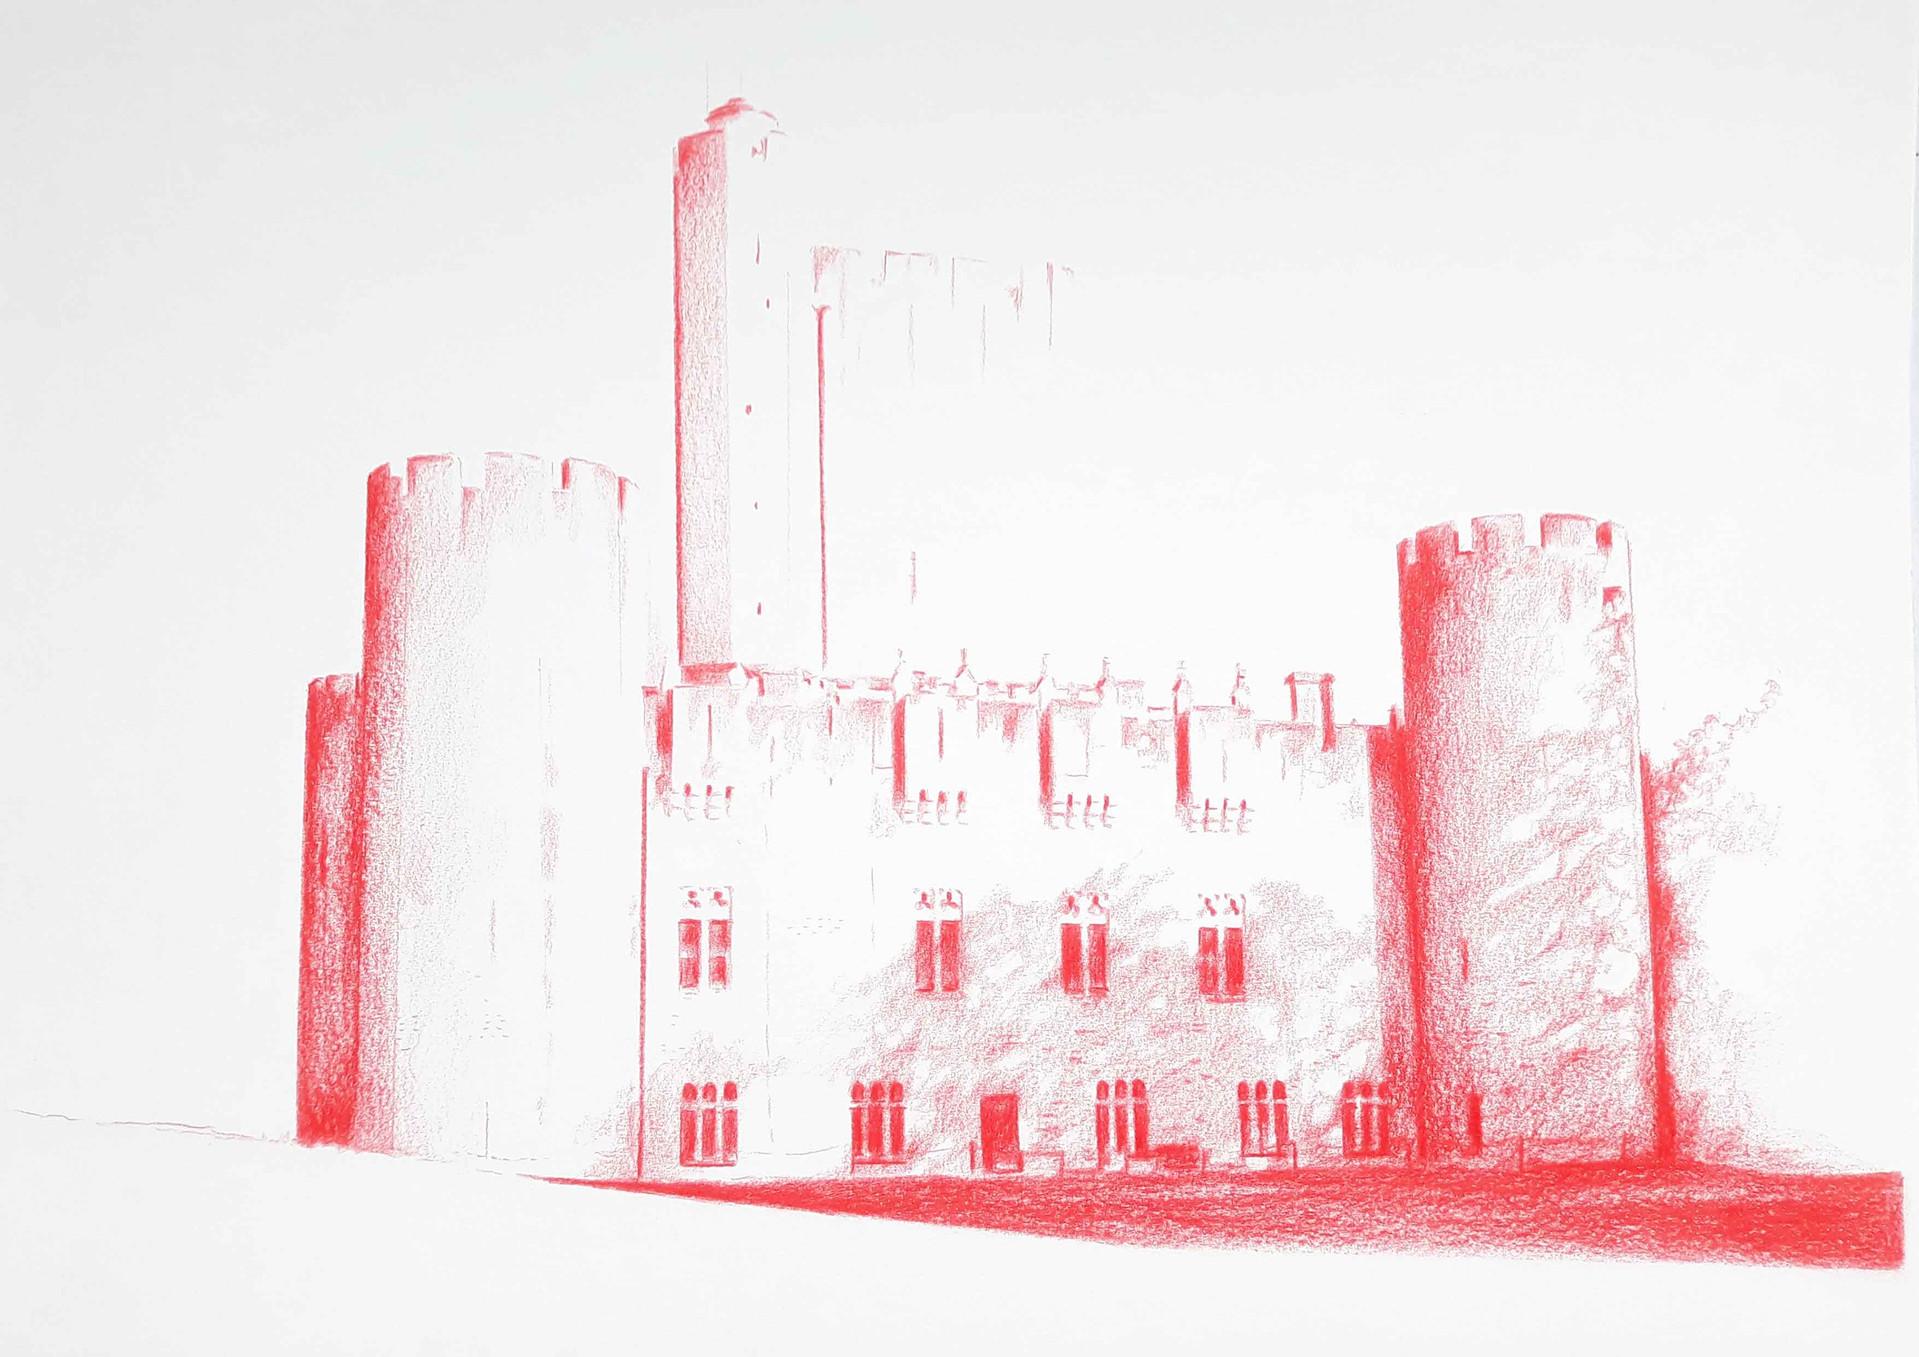 Le château / 19 12 2019